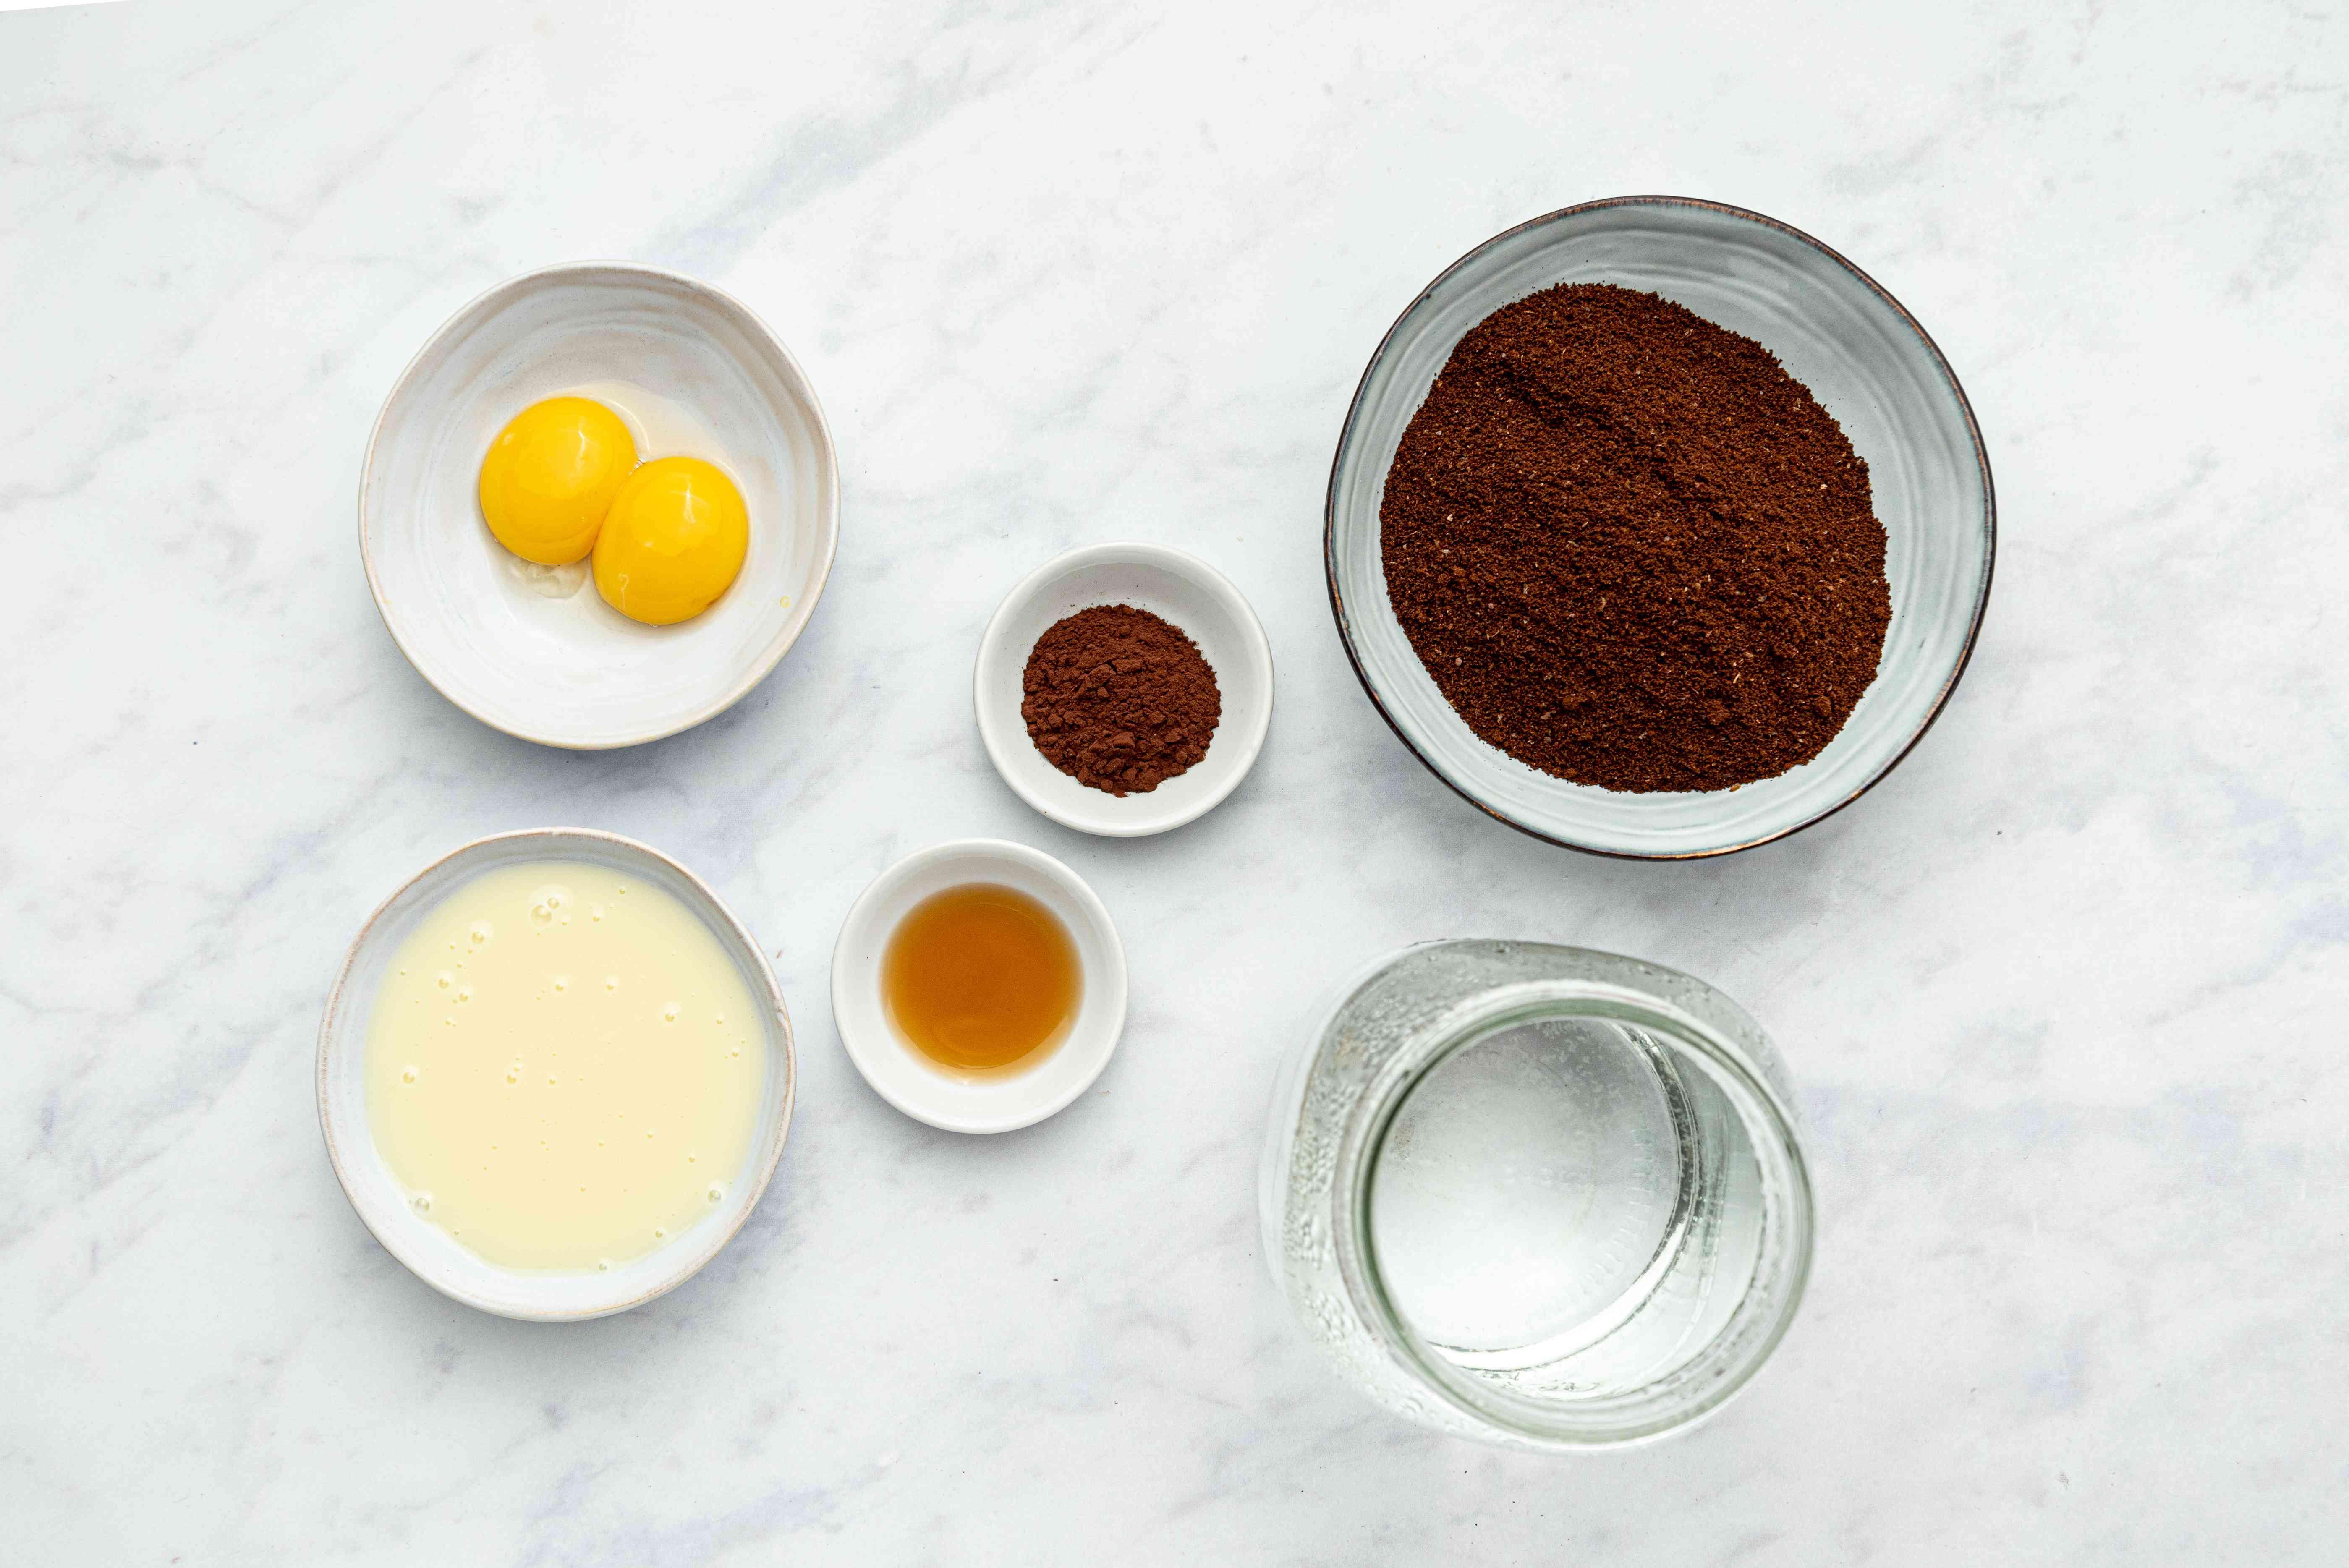 Vietnamese Egg Coffee ingredients